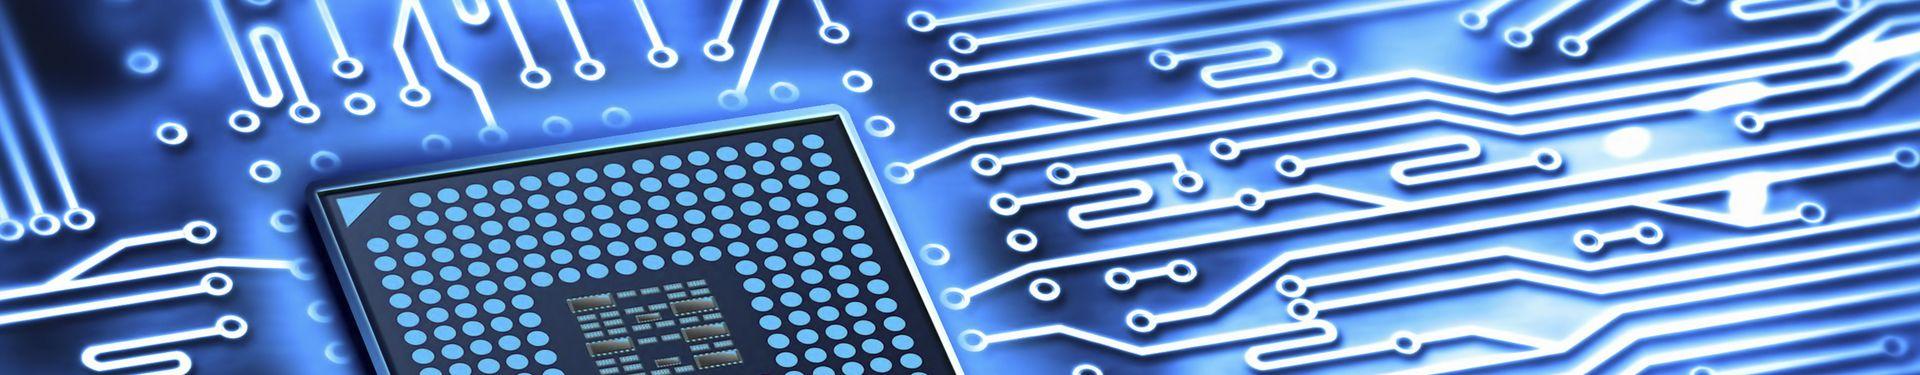 Naprawa elektroniki użytkowej